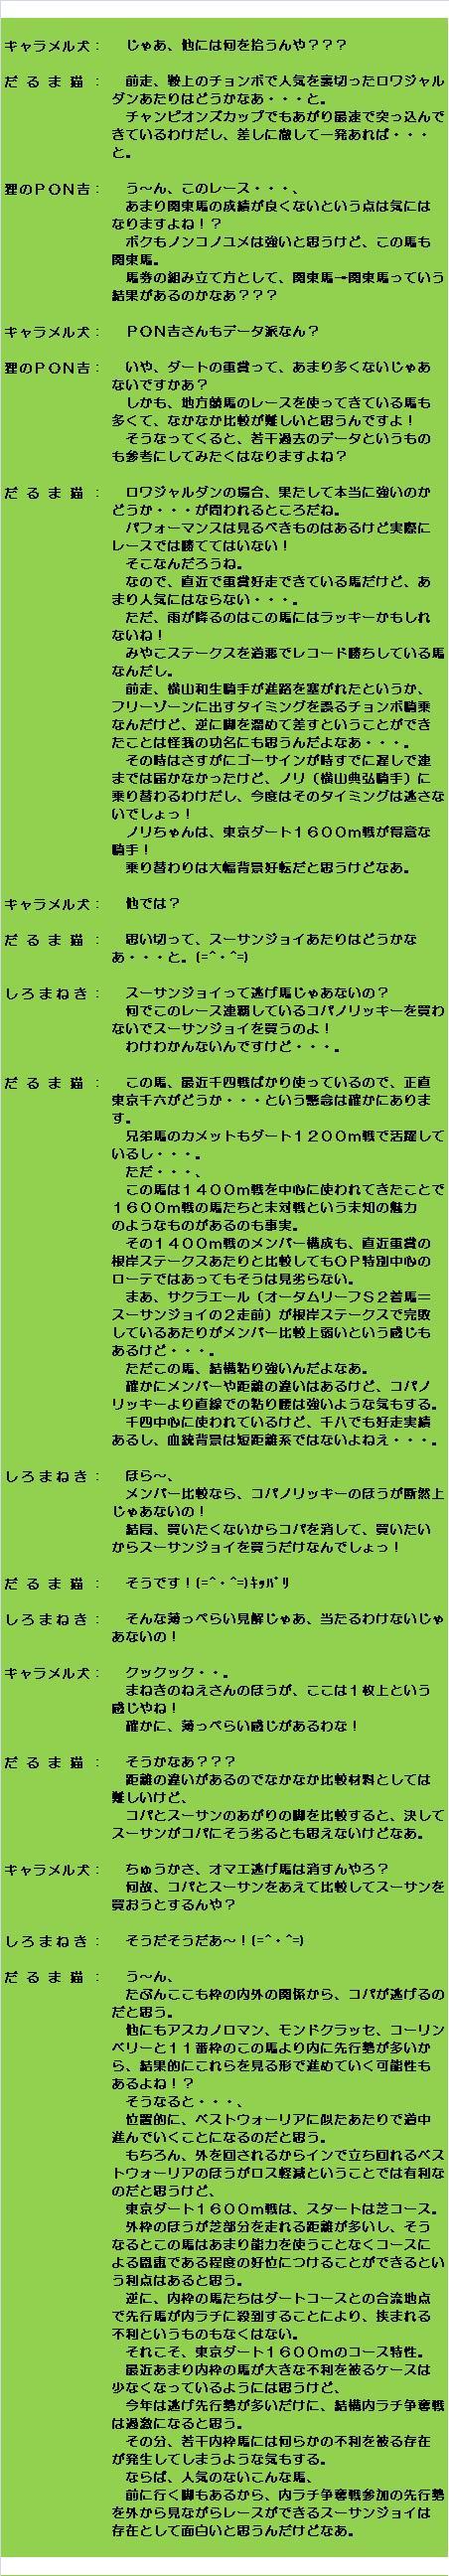 20160221・日曜競馬予想⑥.jpg